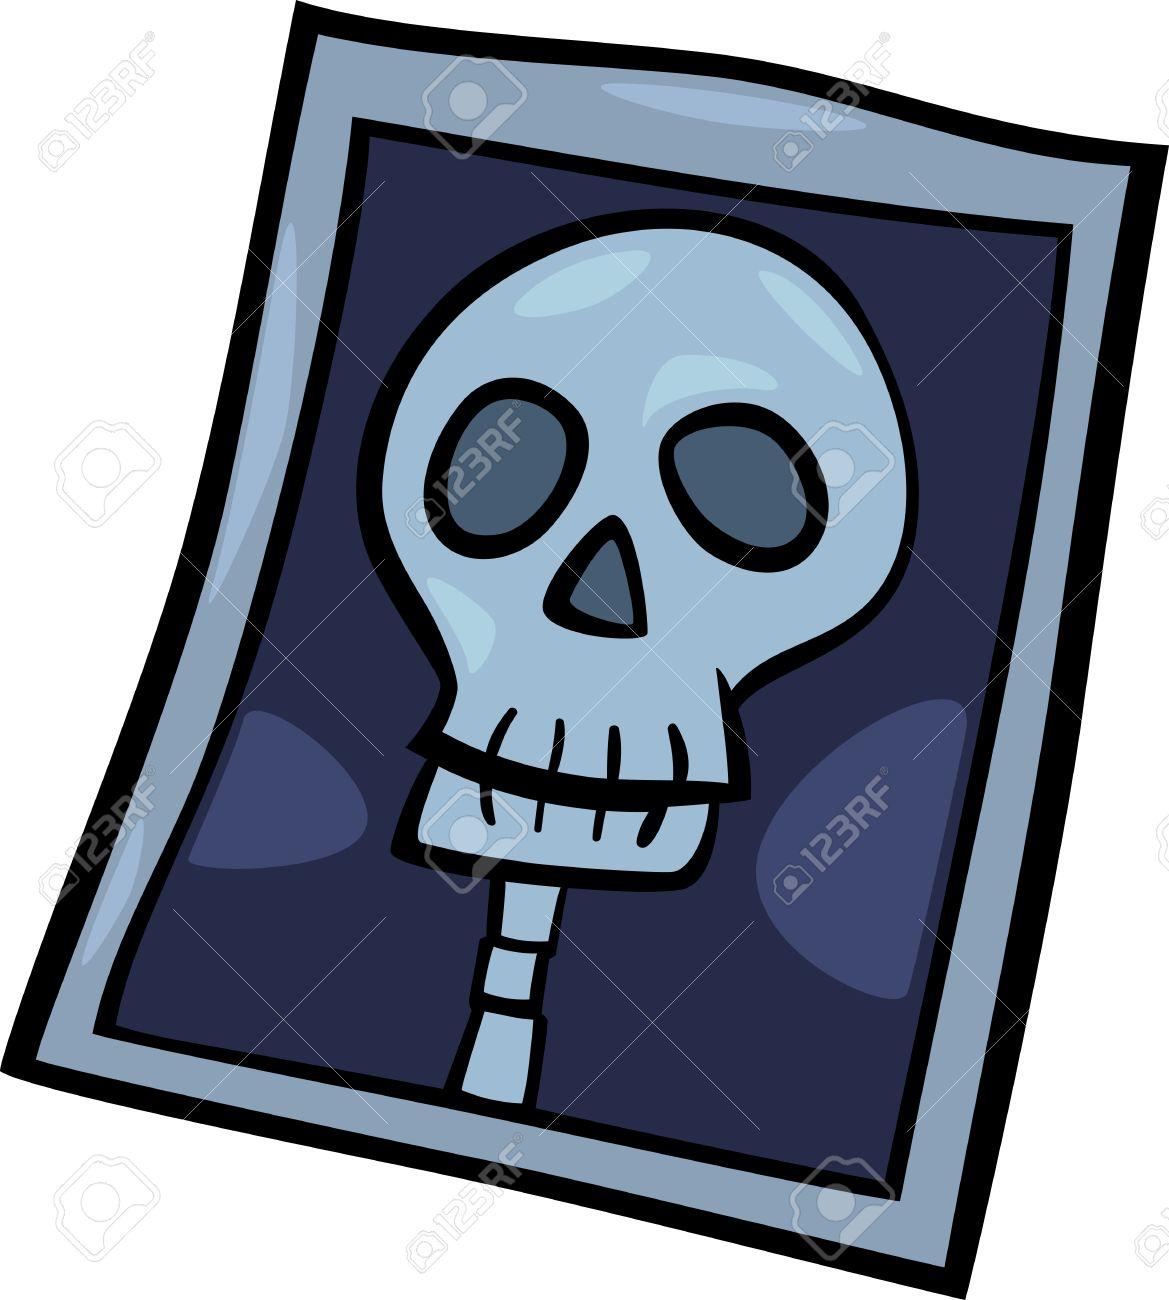 cartoon illustration of x ray photo of human head clip art royalty rh 123rf com x ray machine clipart x ray clipart free